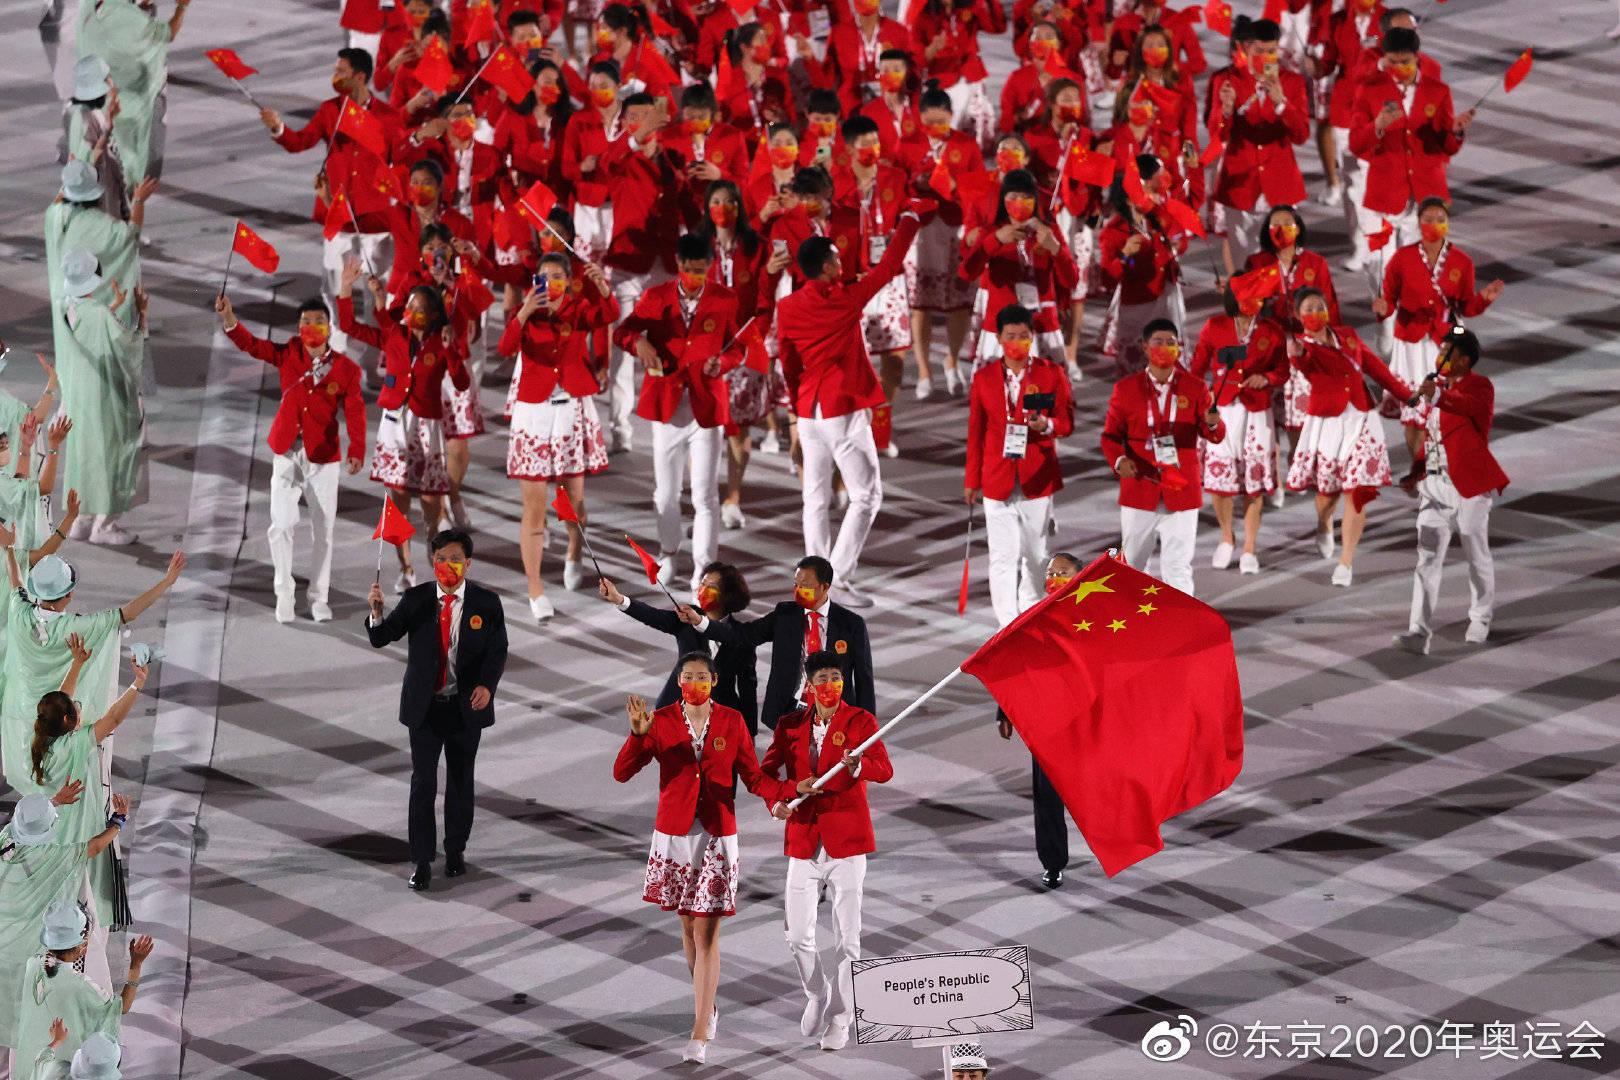 倾国倾城的容貌和一剑封喉的实力,都被中国奥运军团的美女帅哥们占了!976